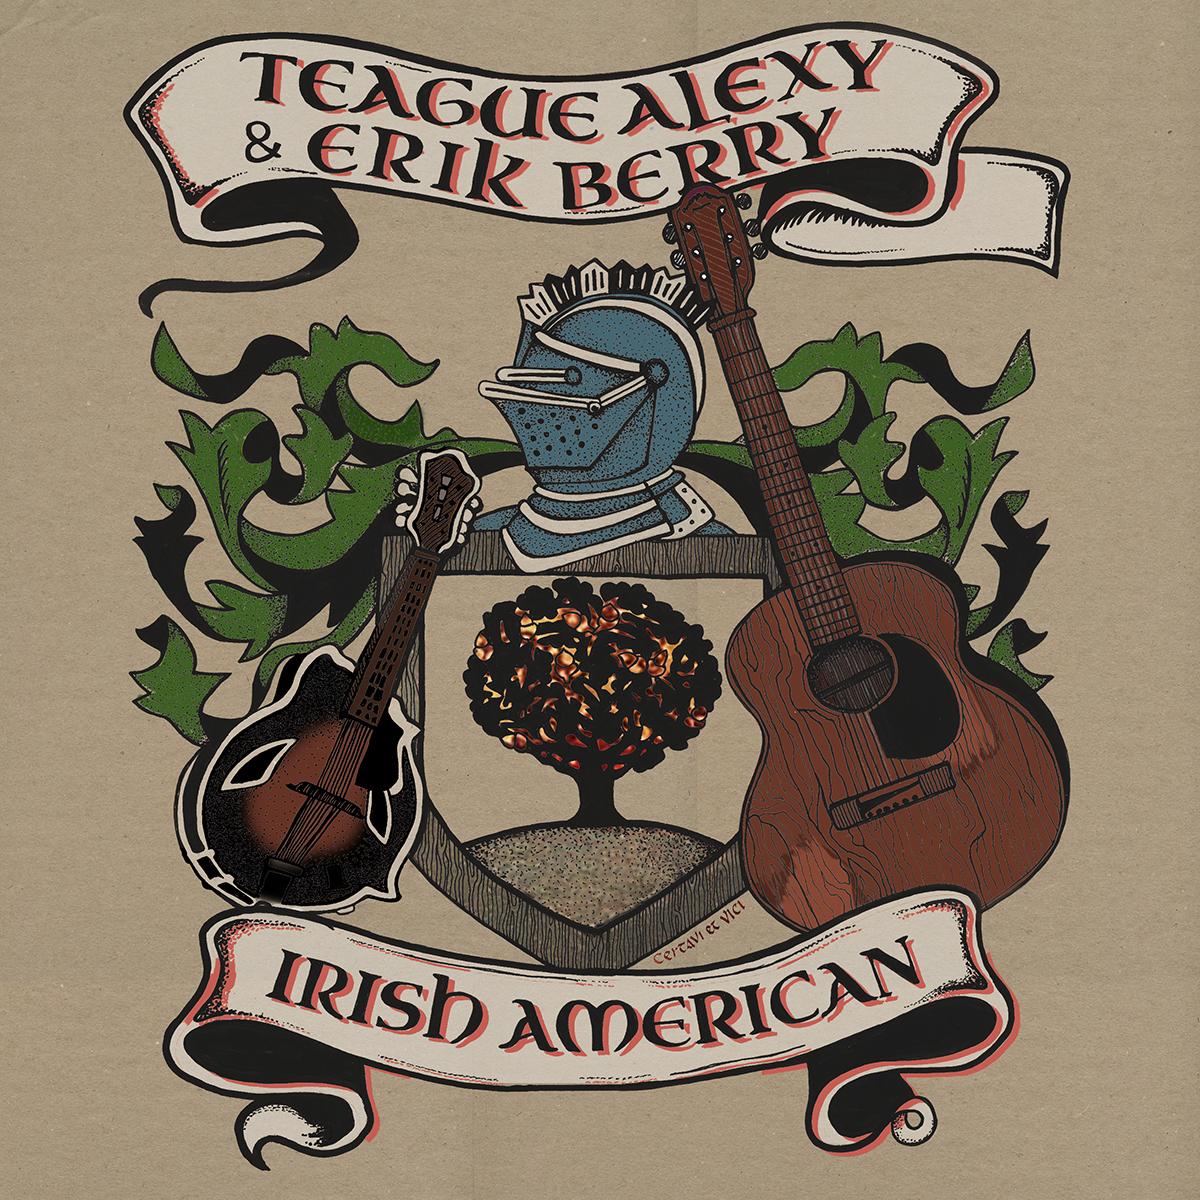 IrishAmerican_Crest_Main.jpg